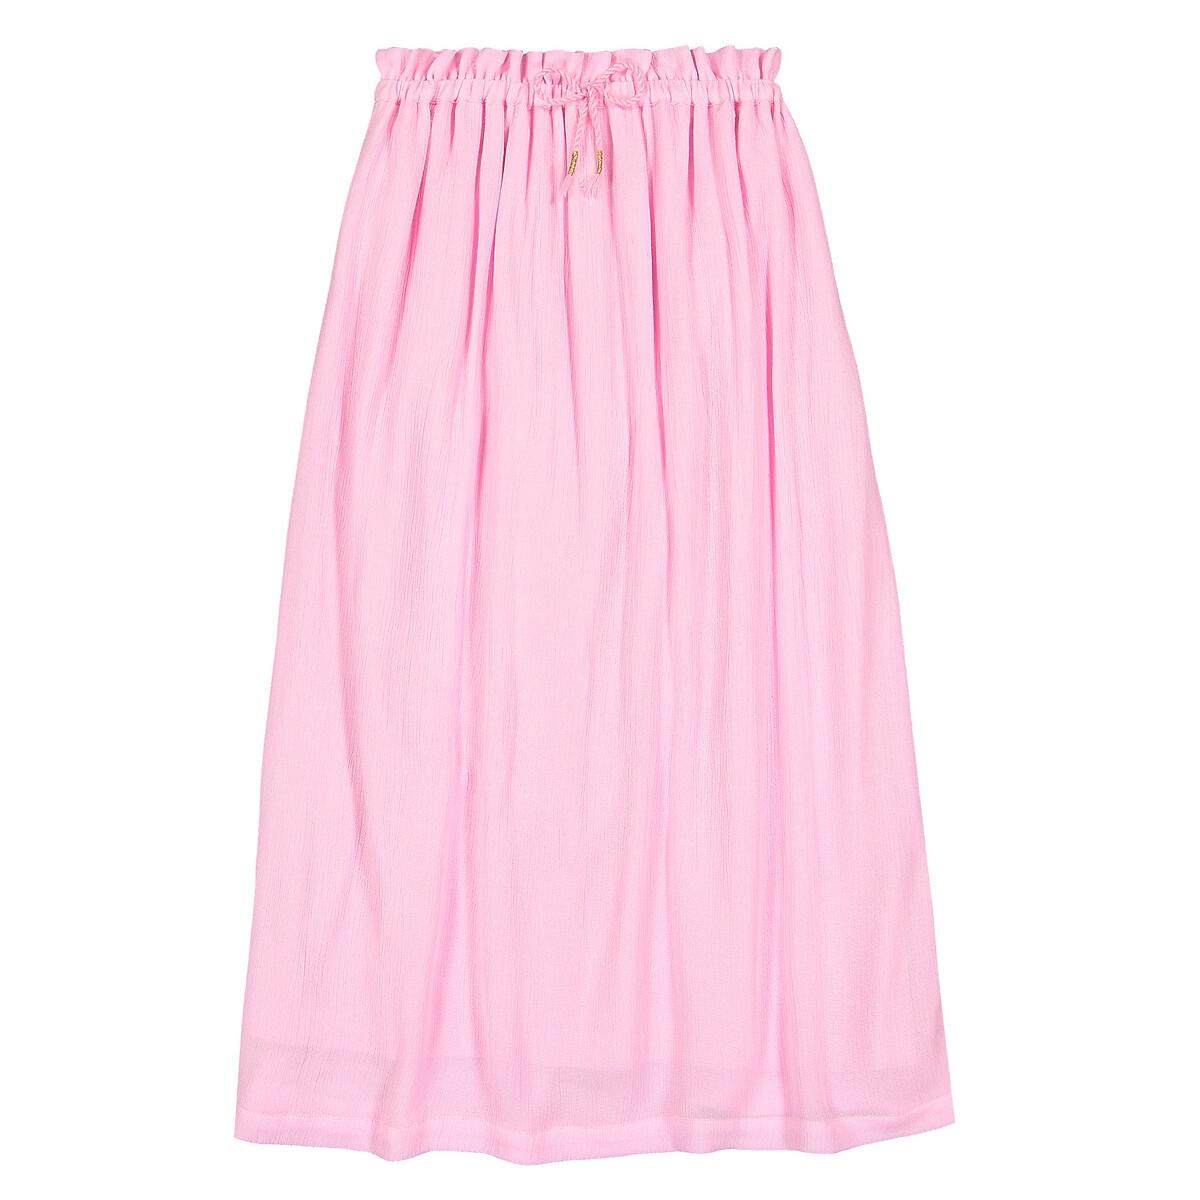 Фото - Юбка LaRedoute Длинная струящаяся 3-12 лет 3 года - 94 см розовый юбка laredoute прямая из легкого денима 3 12 лет 3 года 94 см синий